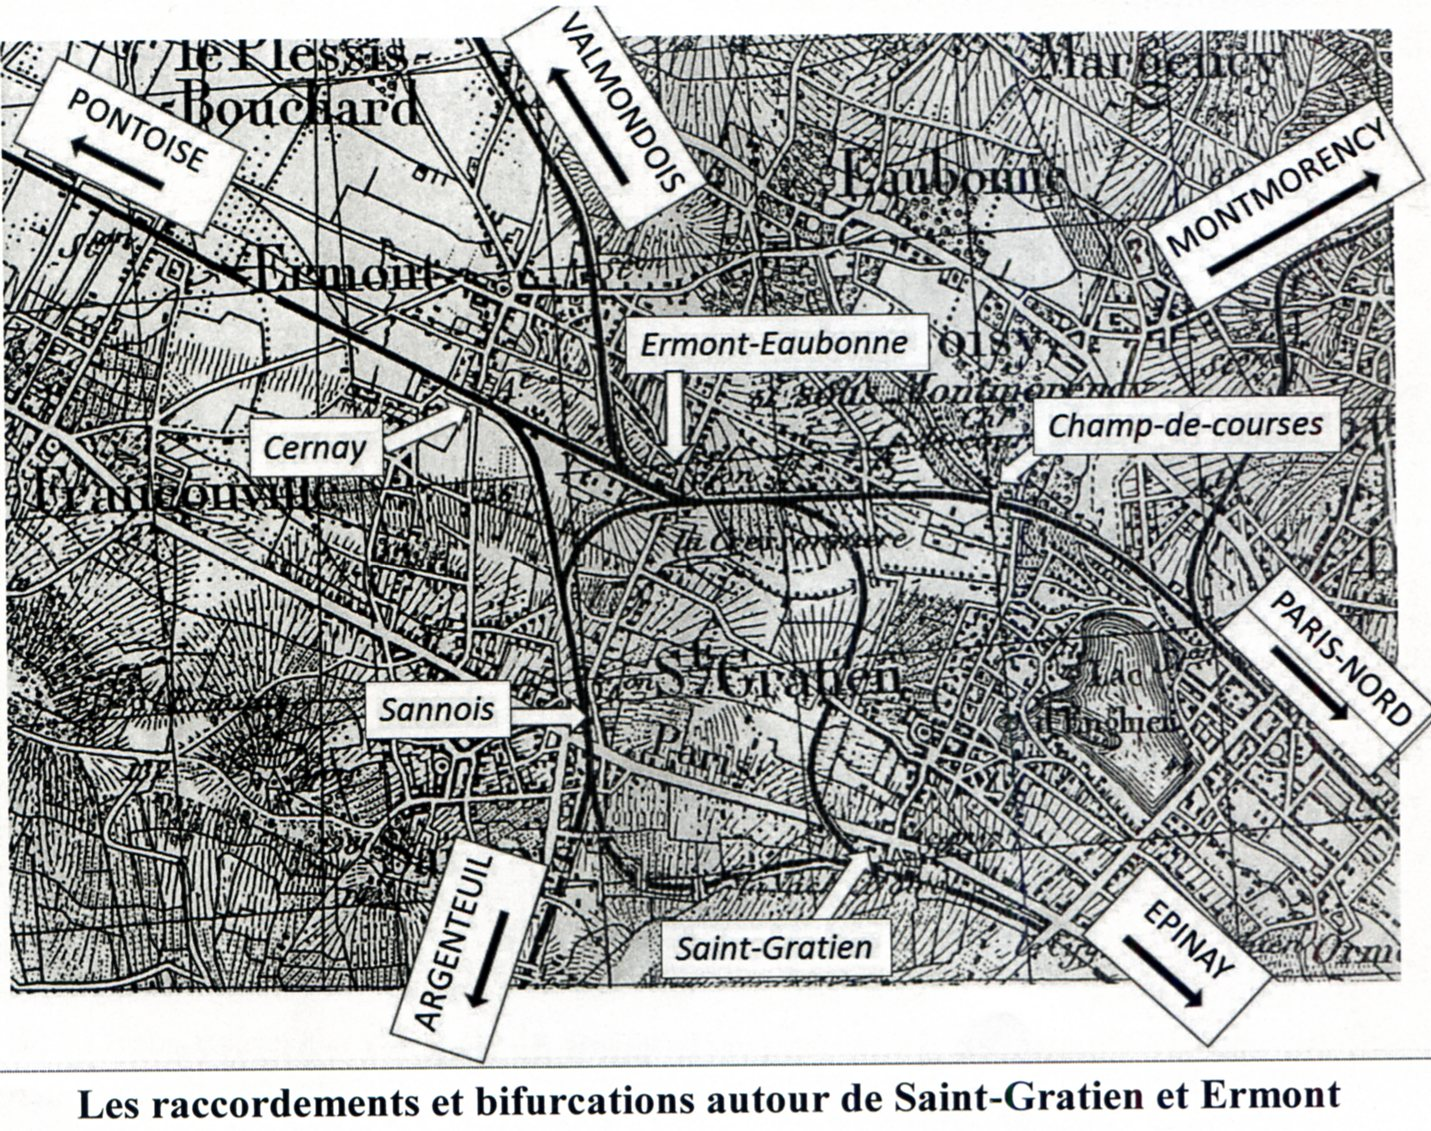 Carte extraite de Aimons Saint gratien en VO - n°17